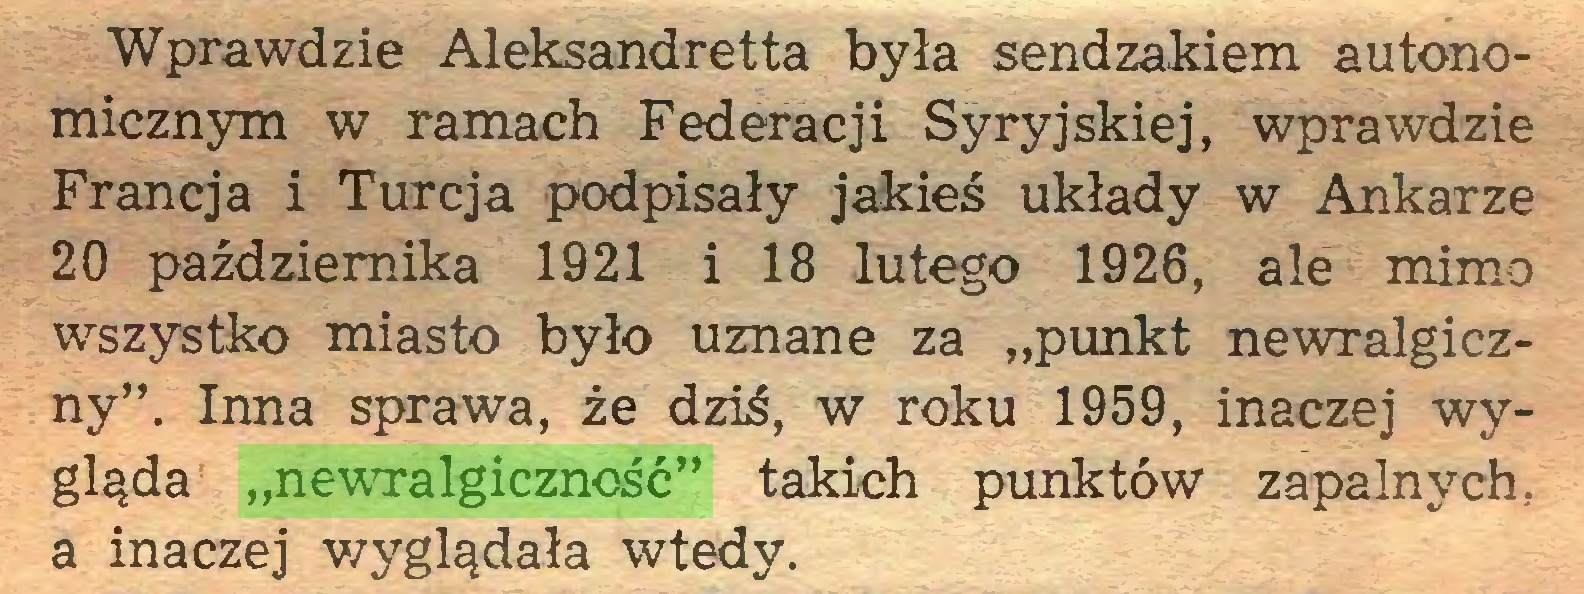 """(...) Wprawdzie Aleksandretta była sendzakiem autonomicznym w ramach Federacji Syryjskiej, wprawdzie Francja i Turcja podpisały jakieś układy w Ankarze 20 października 1921 i 18 lutego 1926, ale mimo wszystko miasto było uznane za """"punkt newralgiczny"""". Inna sprawa, że dziś, w roku 1959, inaczej wygląda """"newralgiczność"""" takich punktów zapalnych, a inaczej wyglądała wtedy..."""